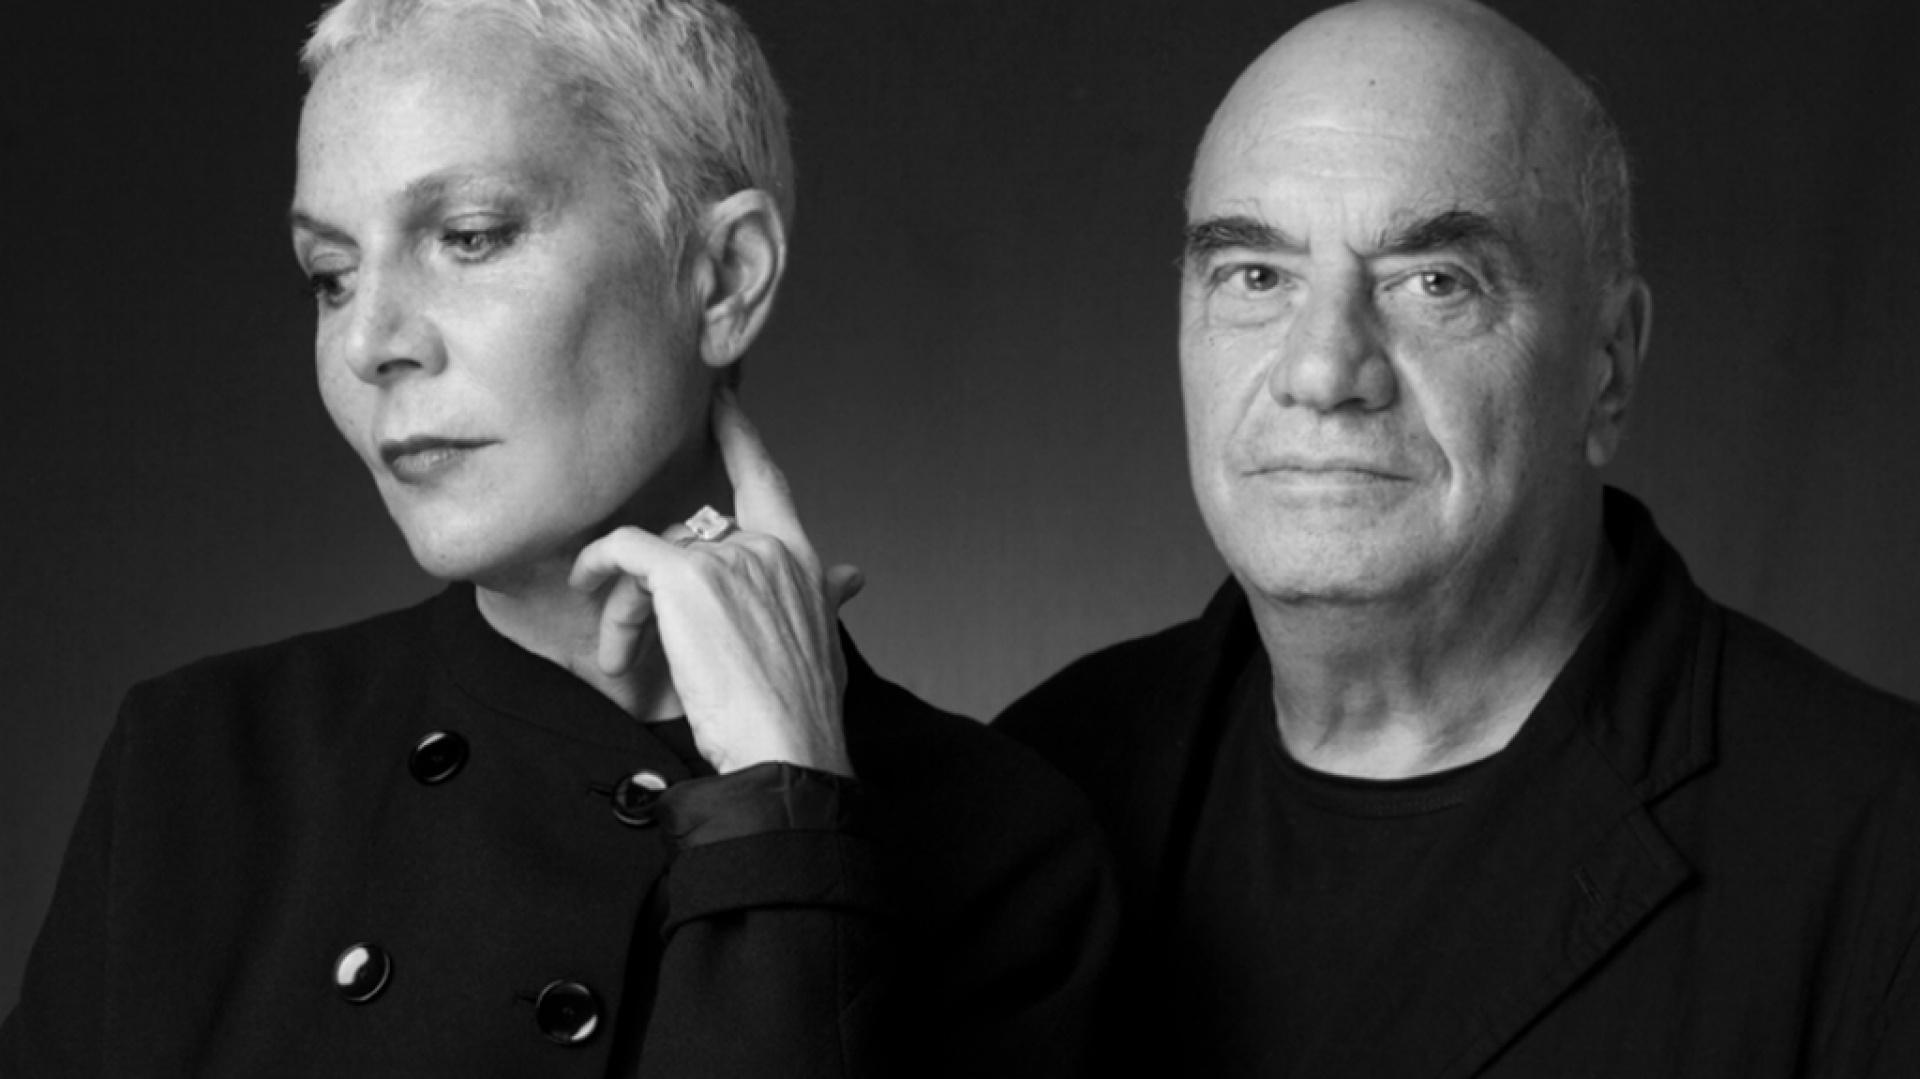 Gościem specjalnym wydarzenia będzie włoski architekt Massimiliano i Doriana Fuksas, założyciele Studio Fuksas, jednej z najwybitniejszych międzynarodowych firm architektonicznych na świecie. Fot. RIFF